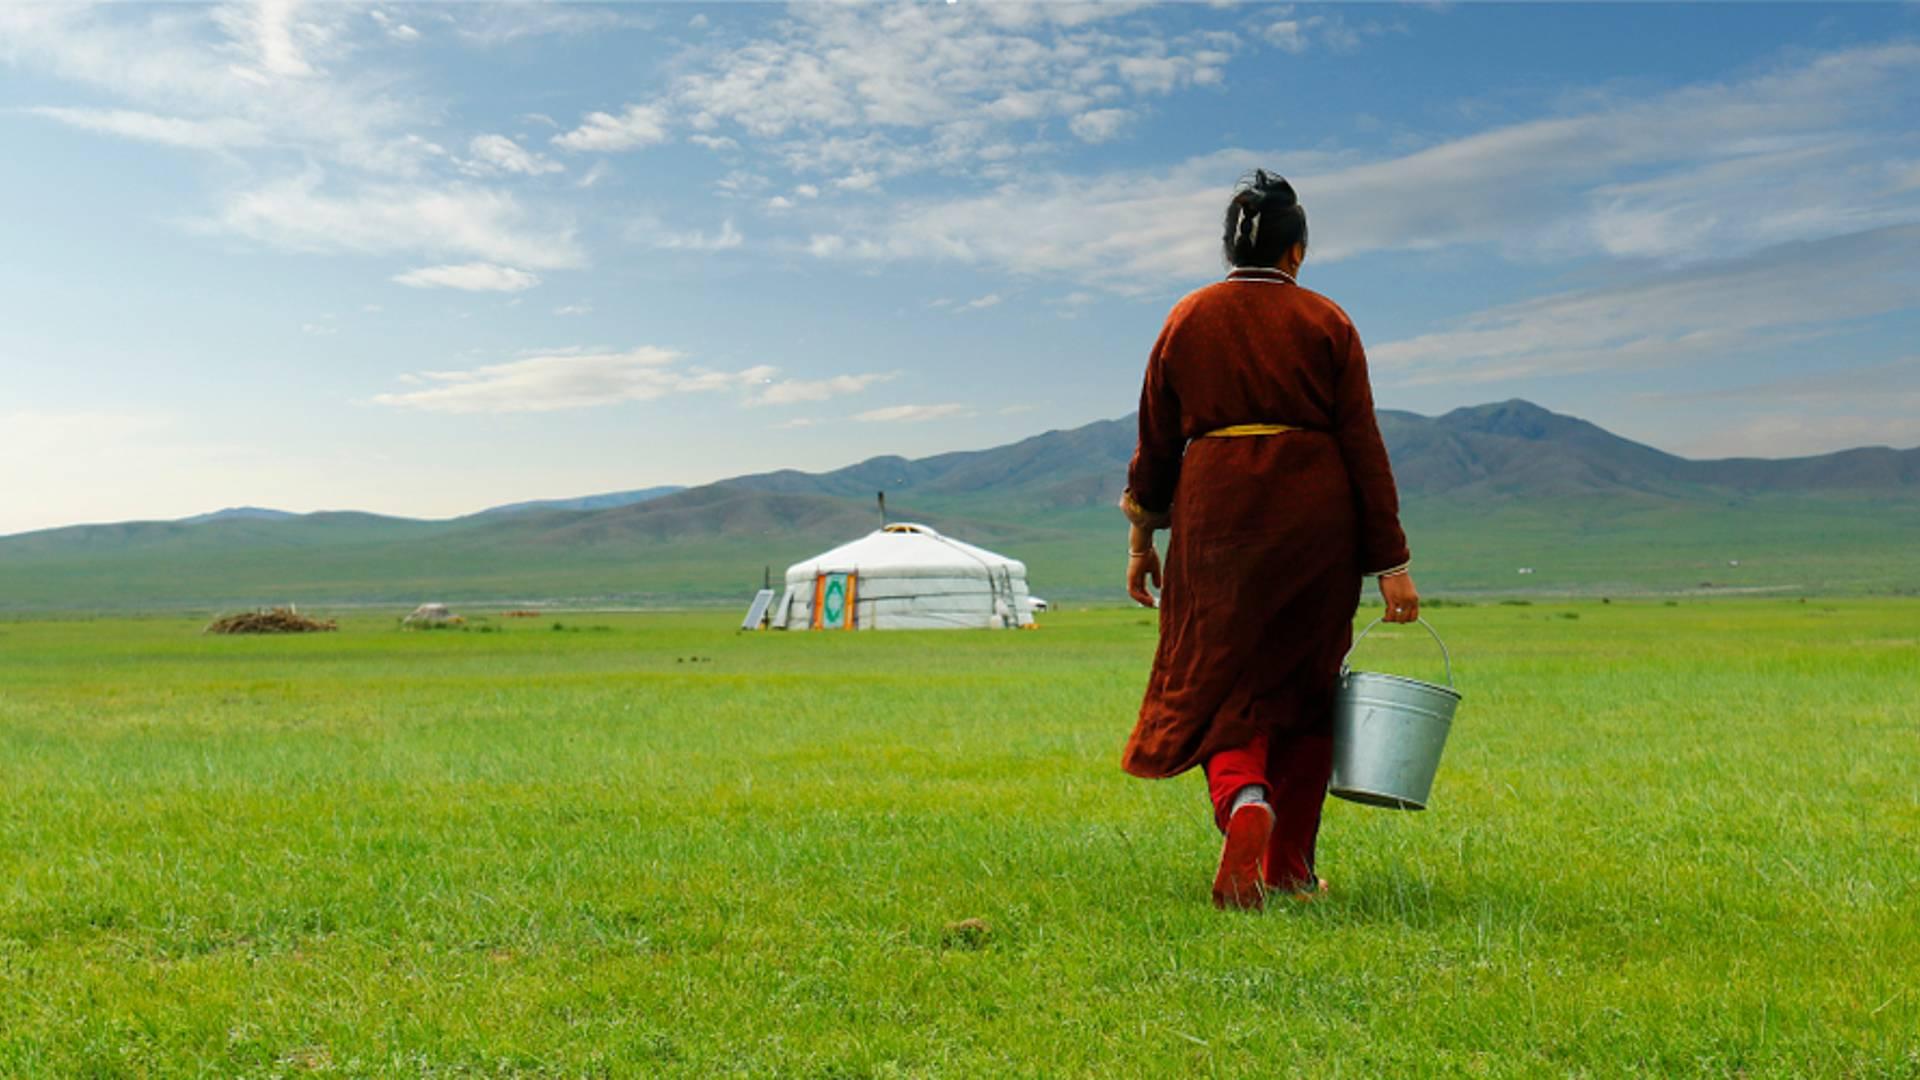 Khangaï et désert de Gobi, aventure nomade